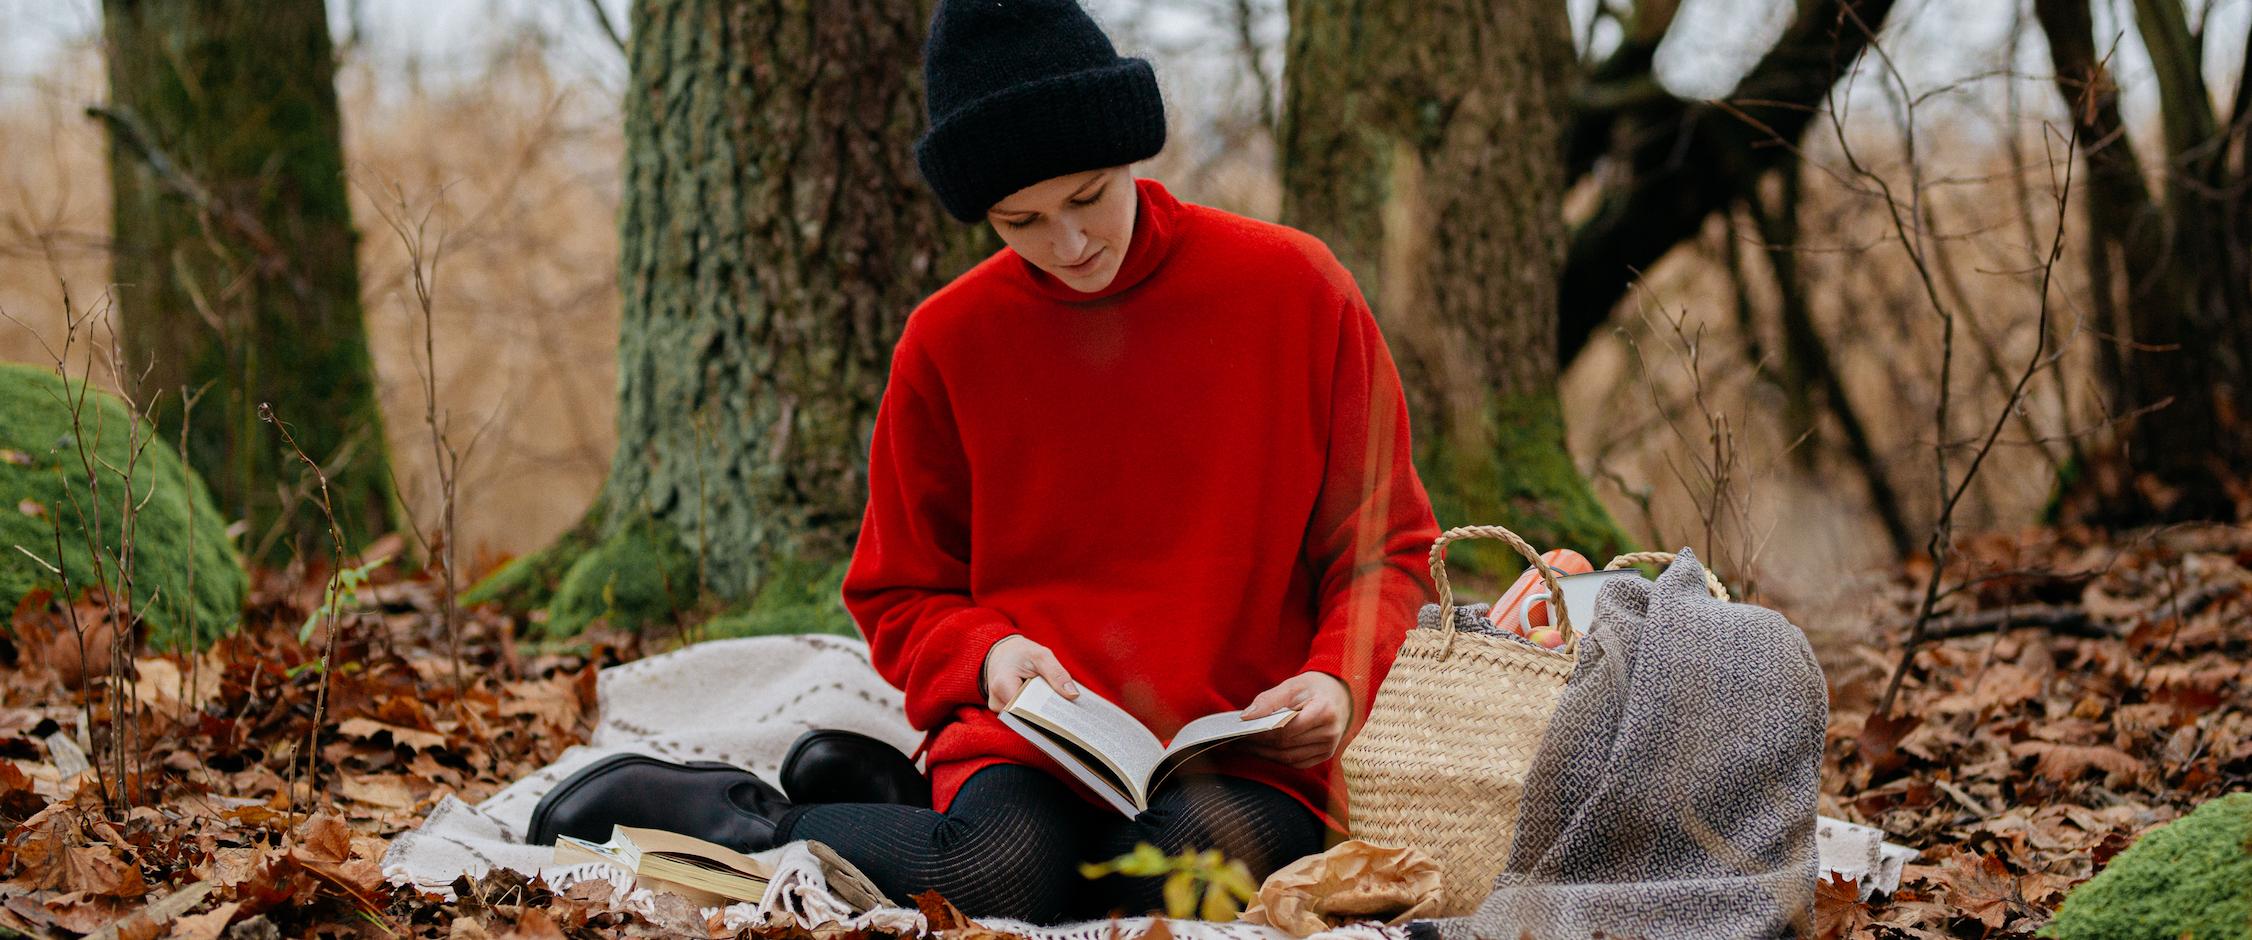 AUTUMN LOOK, mixed style of wool & linenのイメージ画像